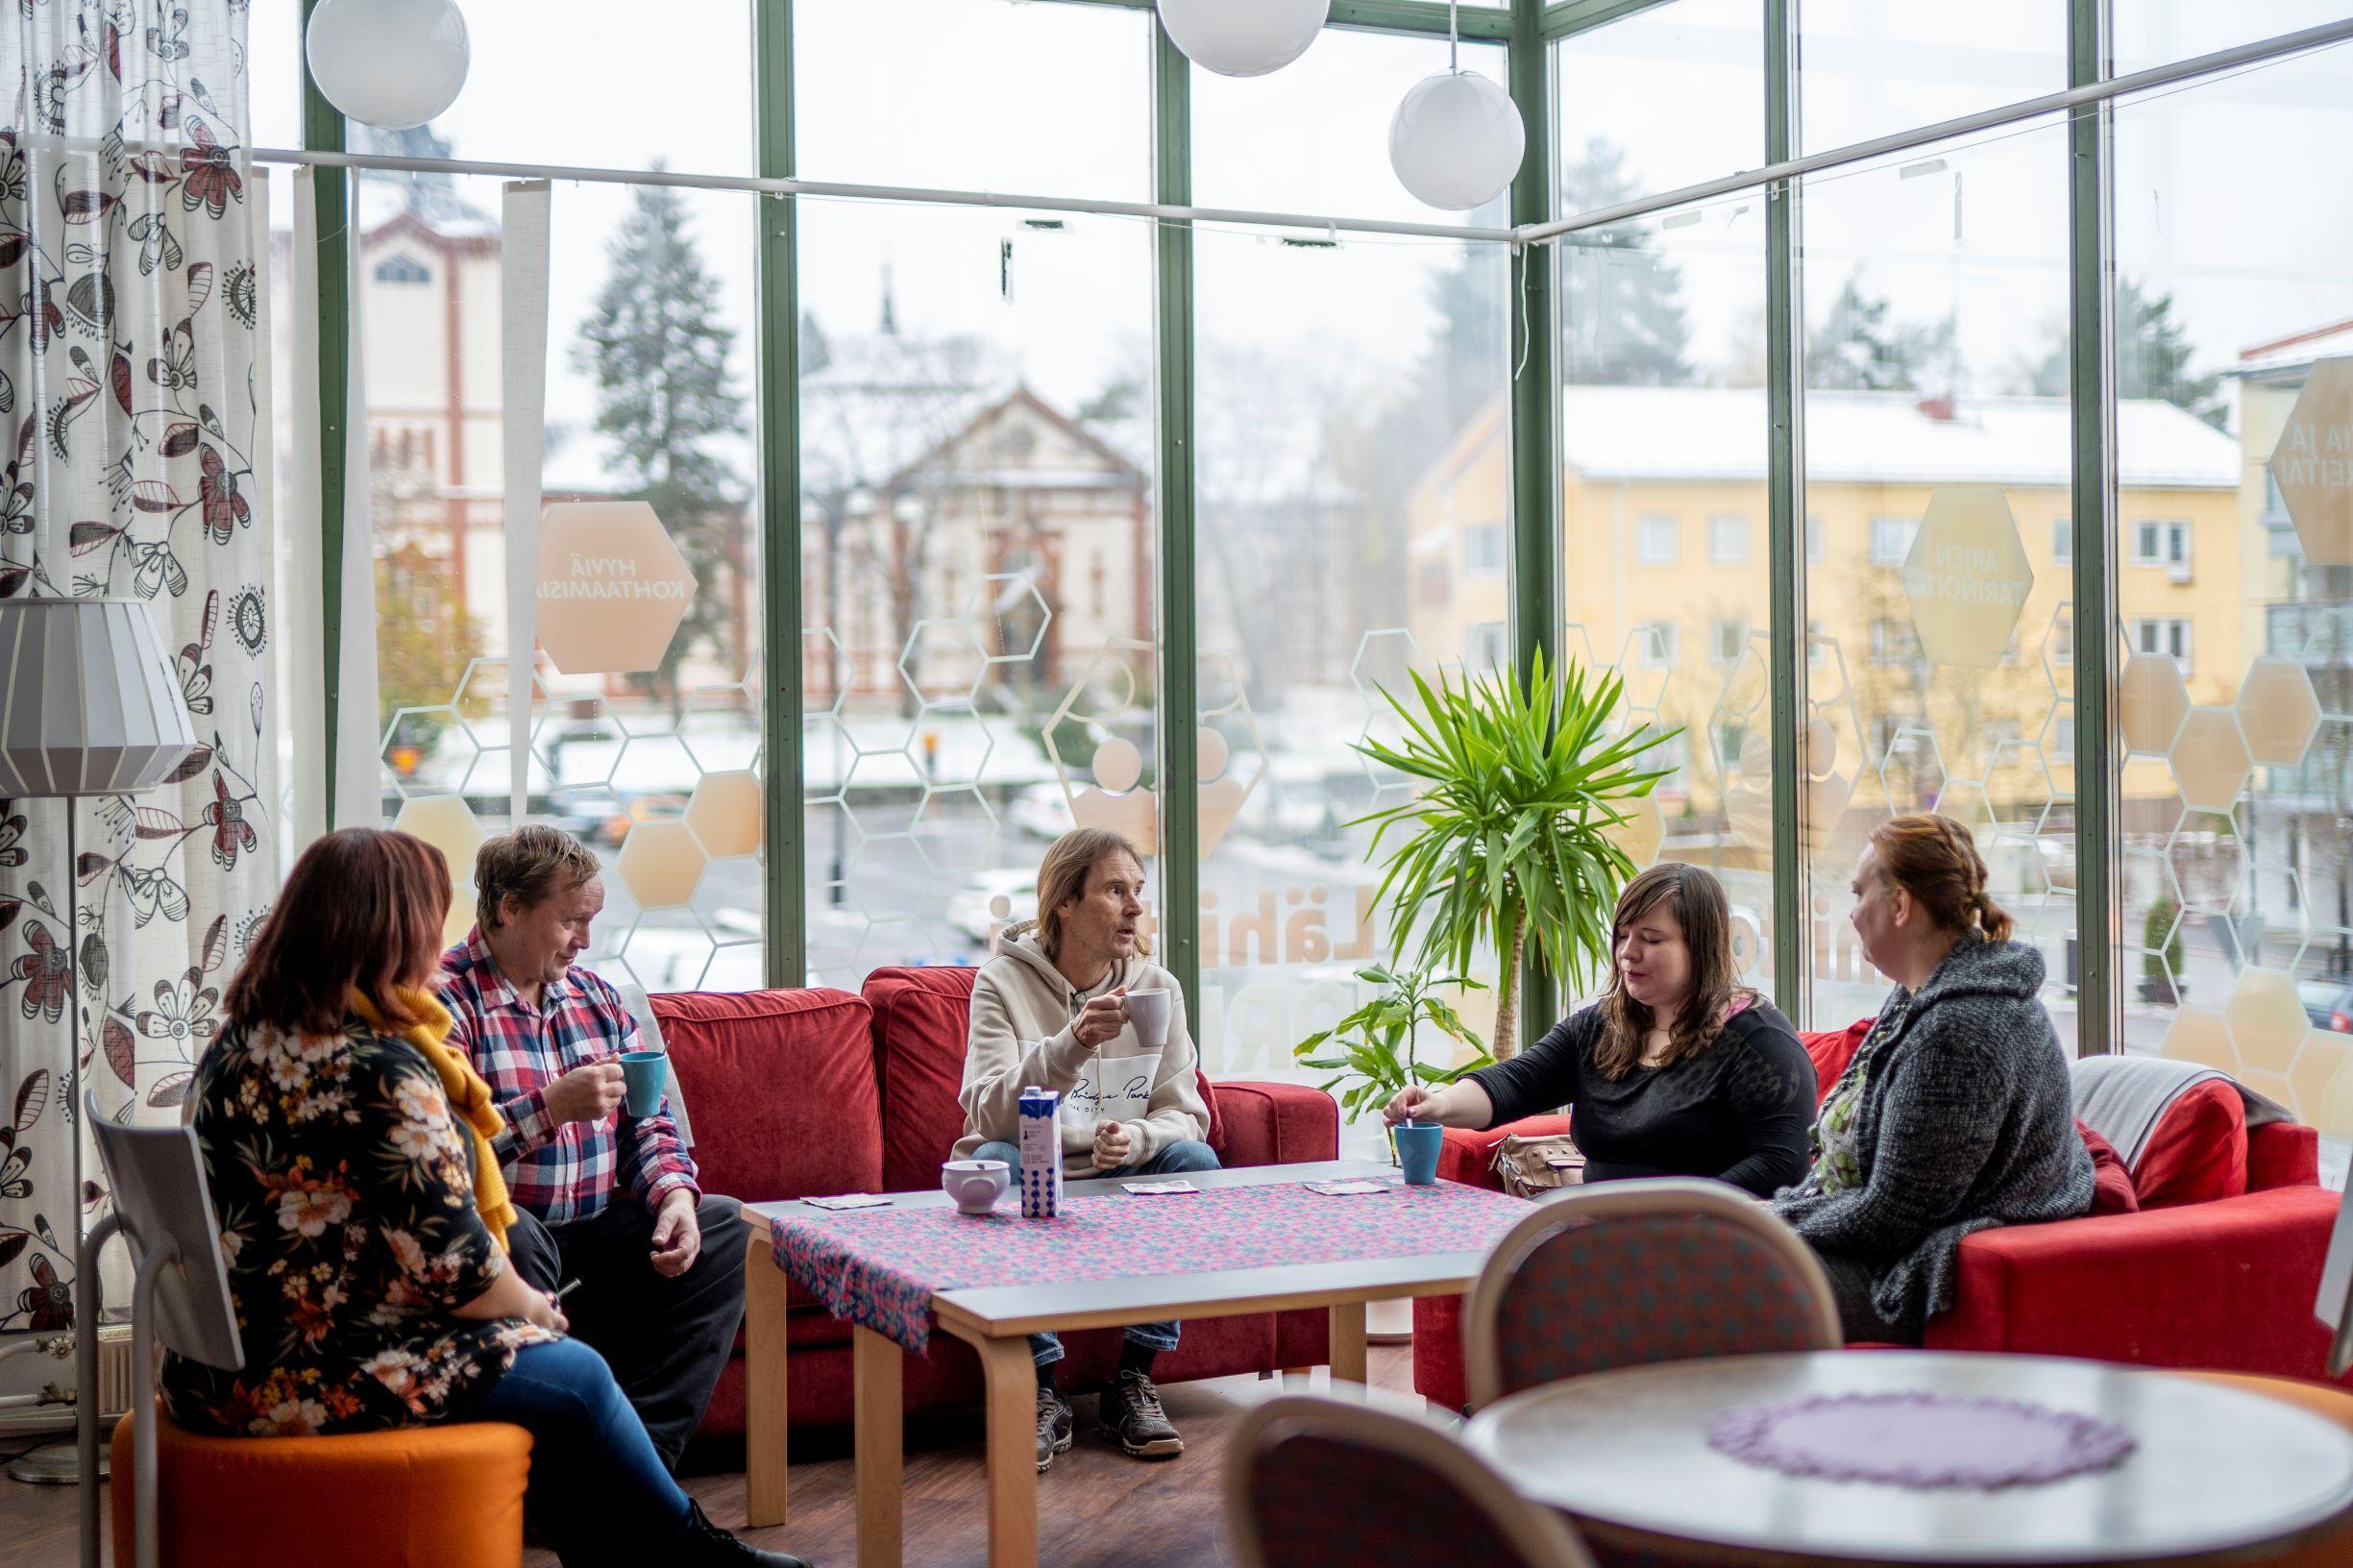 Narikan kävijöitä keskustelemassa sohvilla kahvikupin äärellä